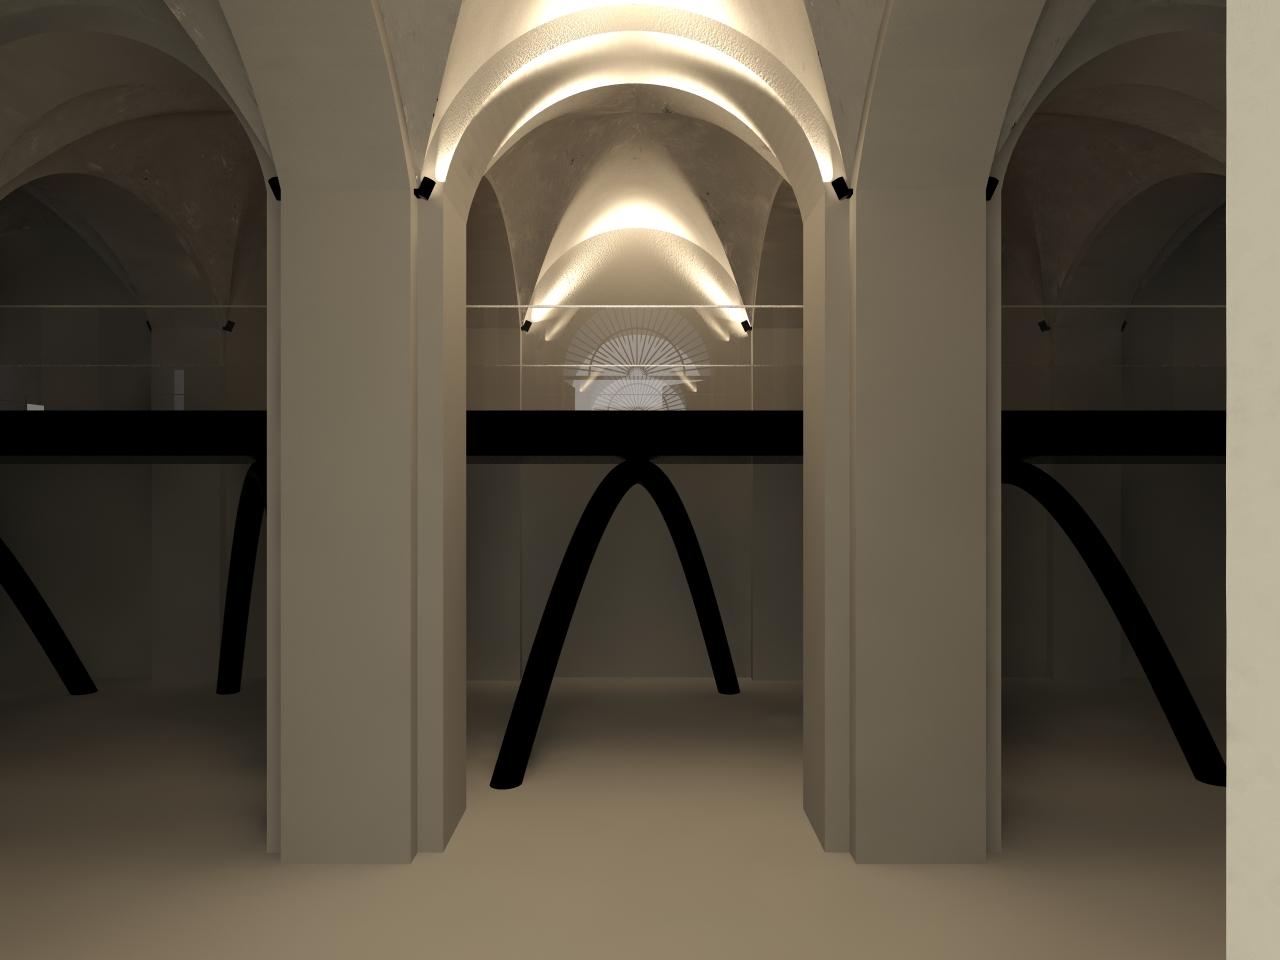 Illuminazione Volte A Botte  illuminazione per doccia ispirazione design casa, illuminazione ...